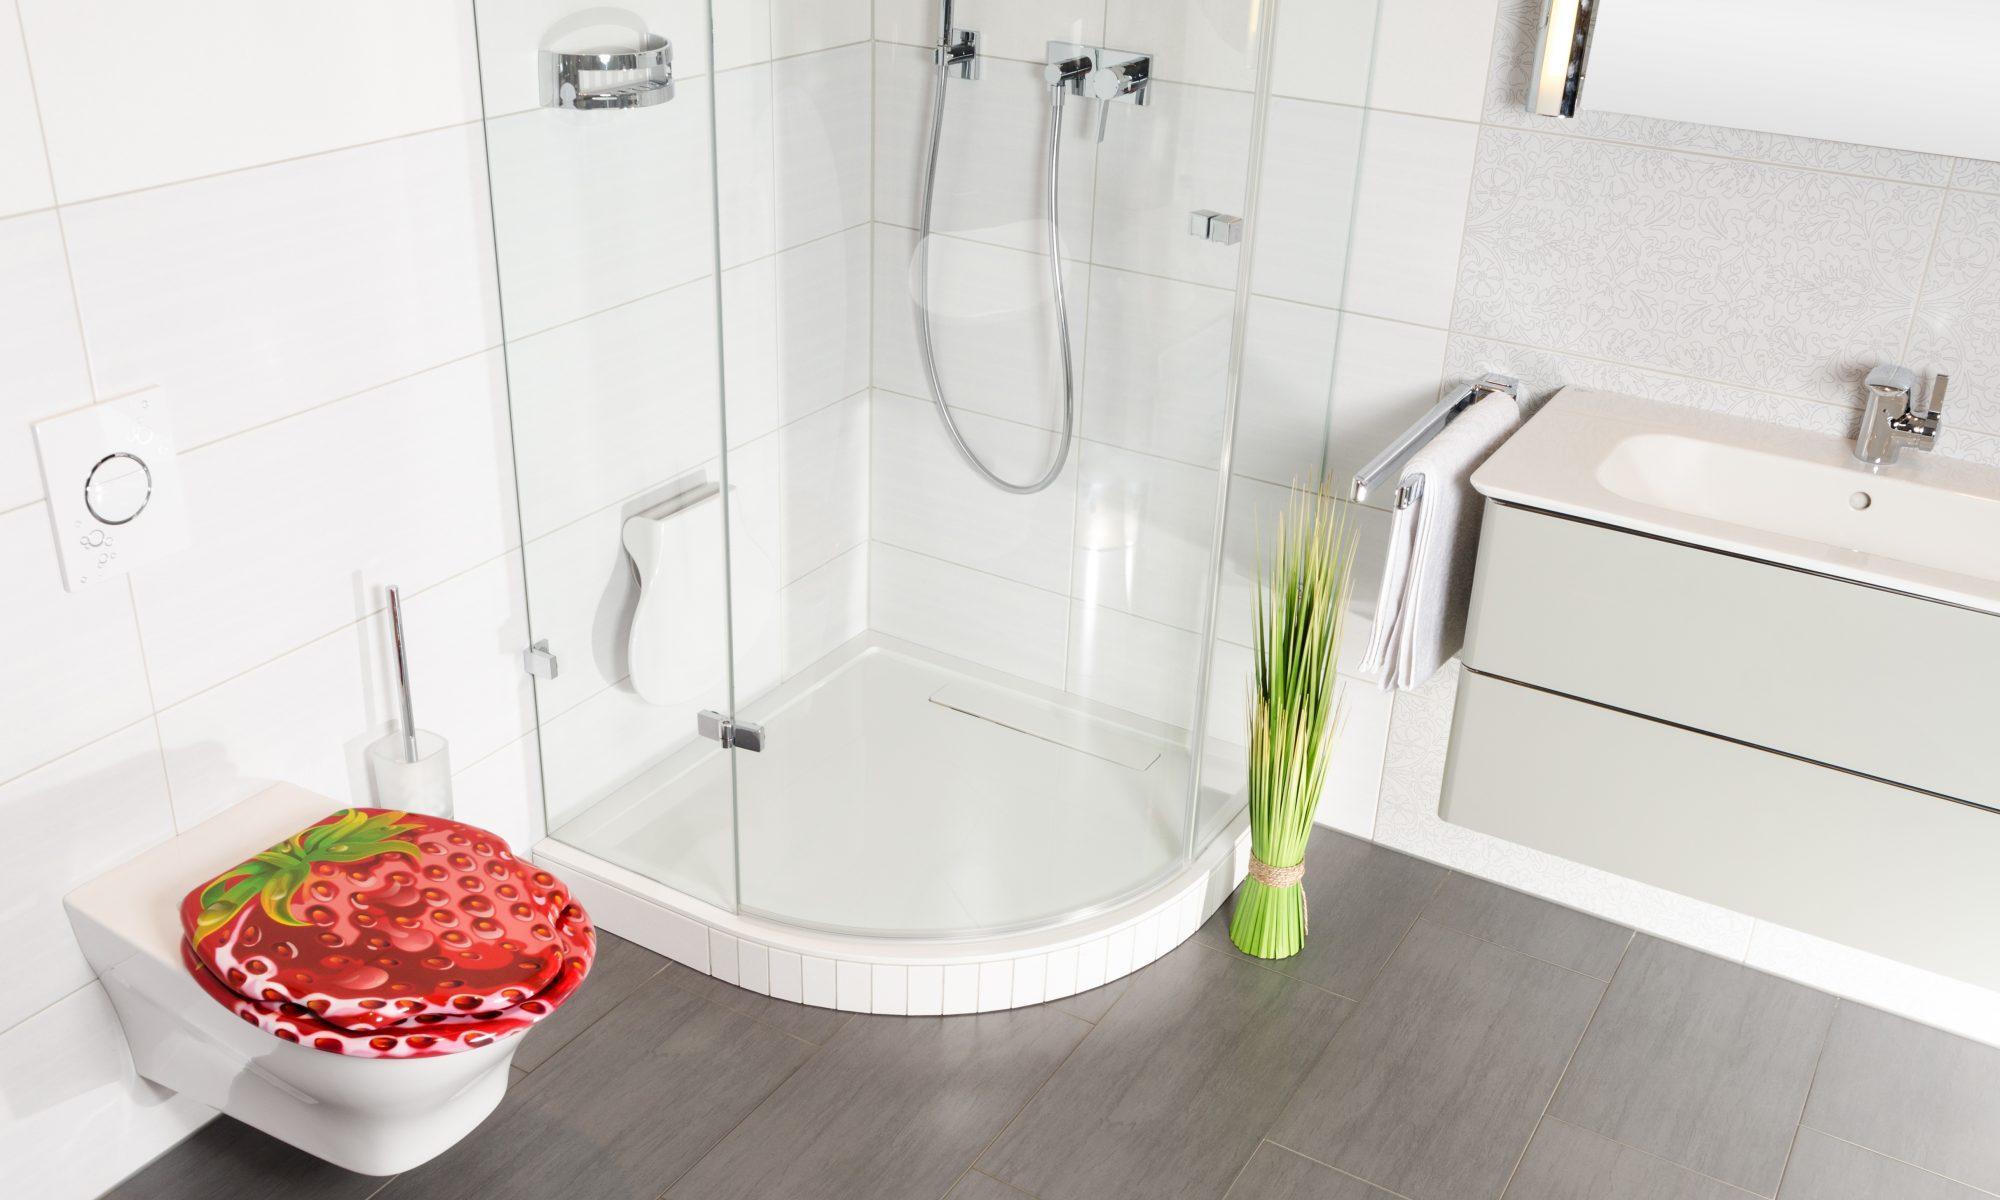 wc sitz design wc sitz ratgeber. Black Bedroom Furniture Sets. Home Design Ideas